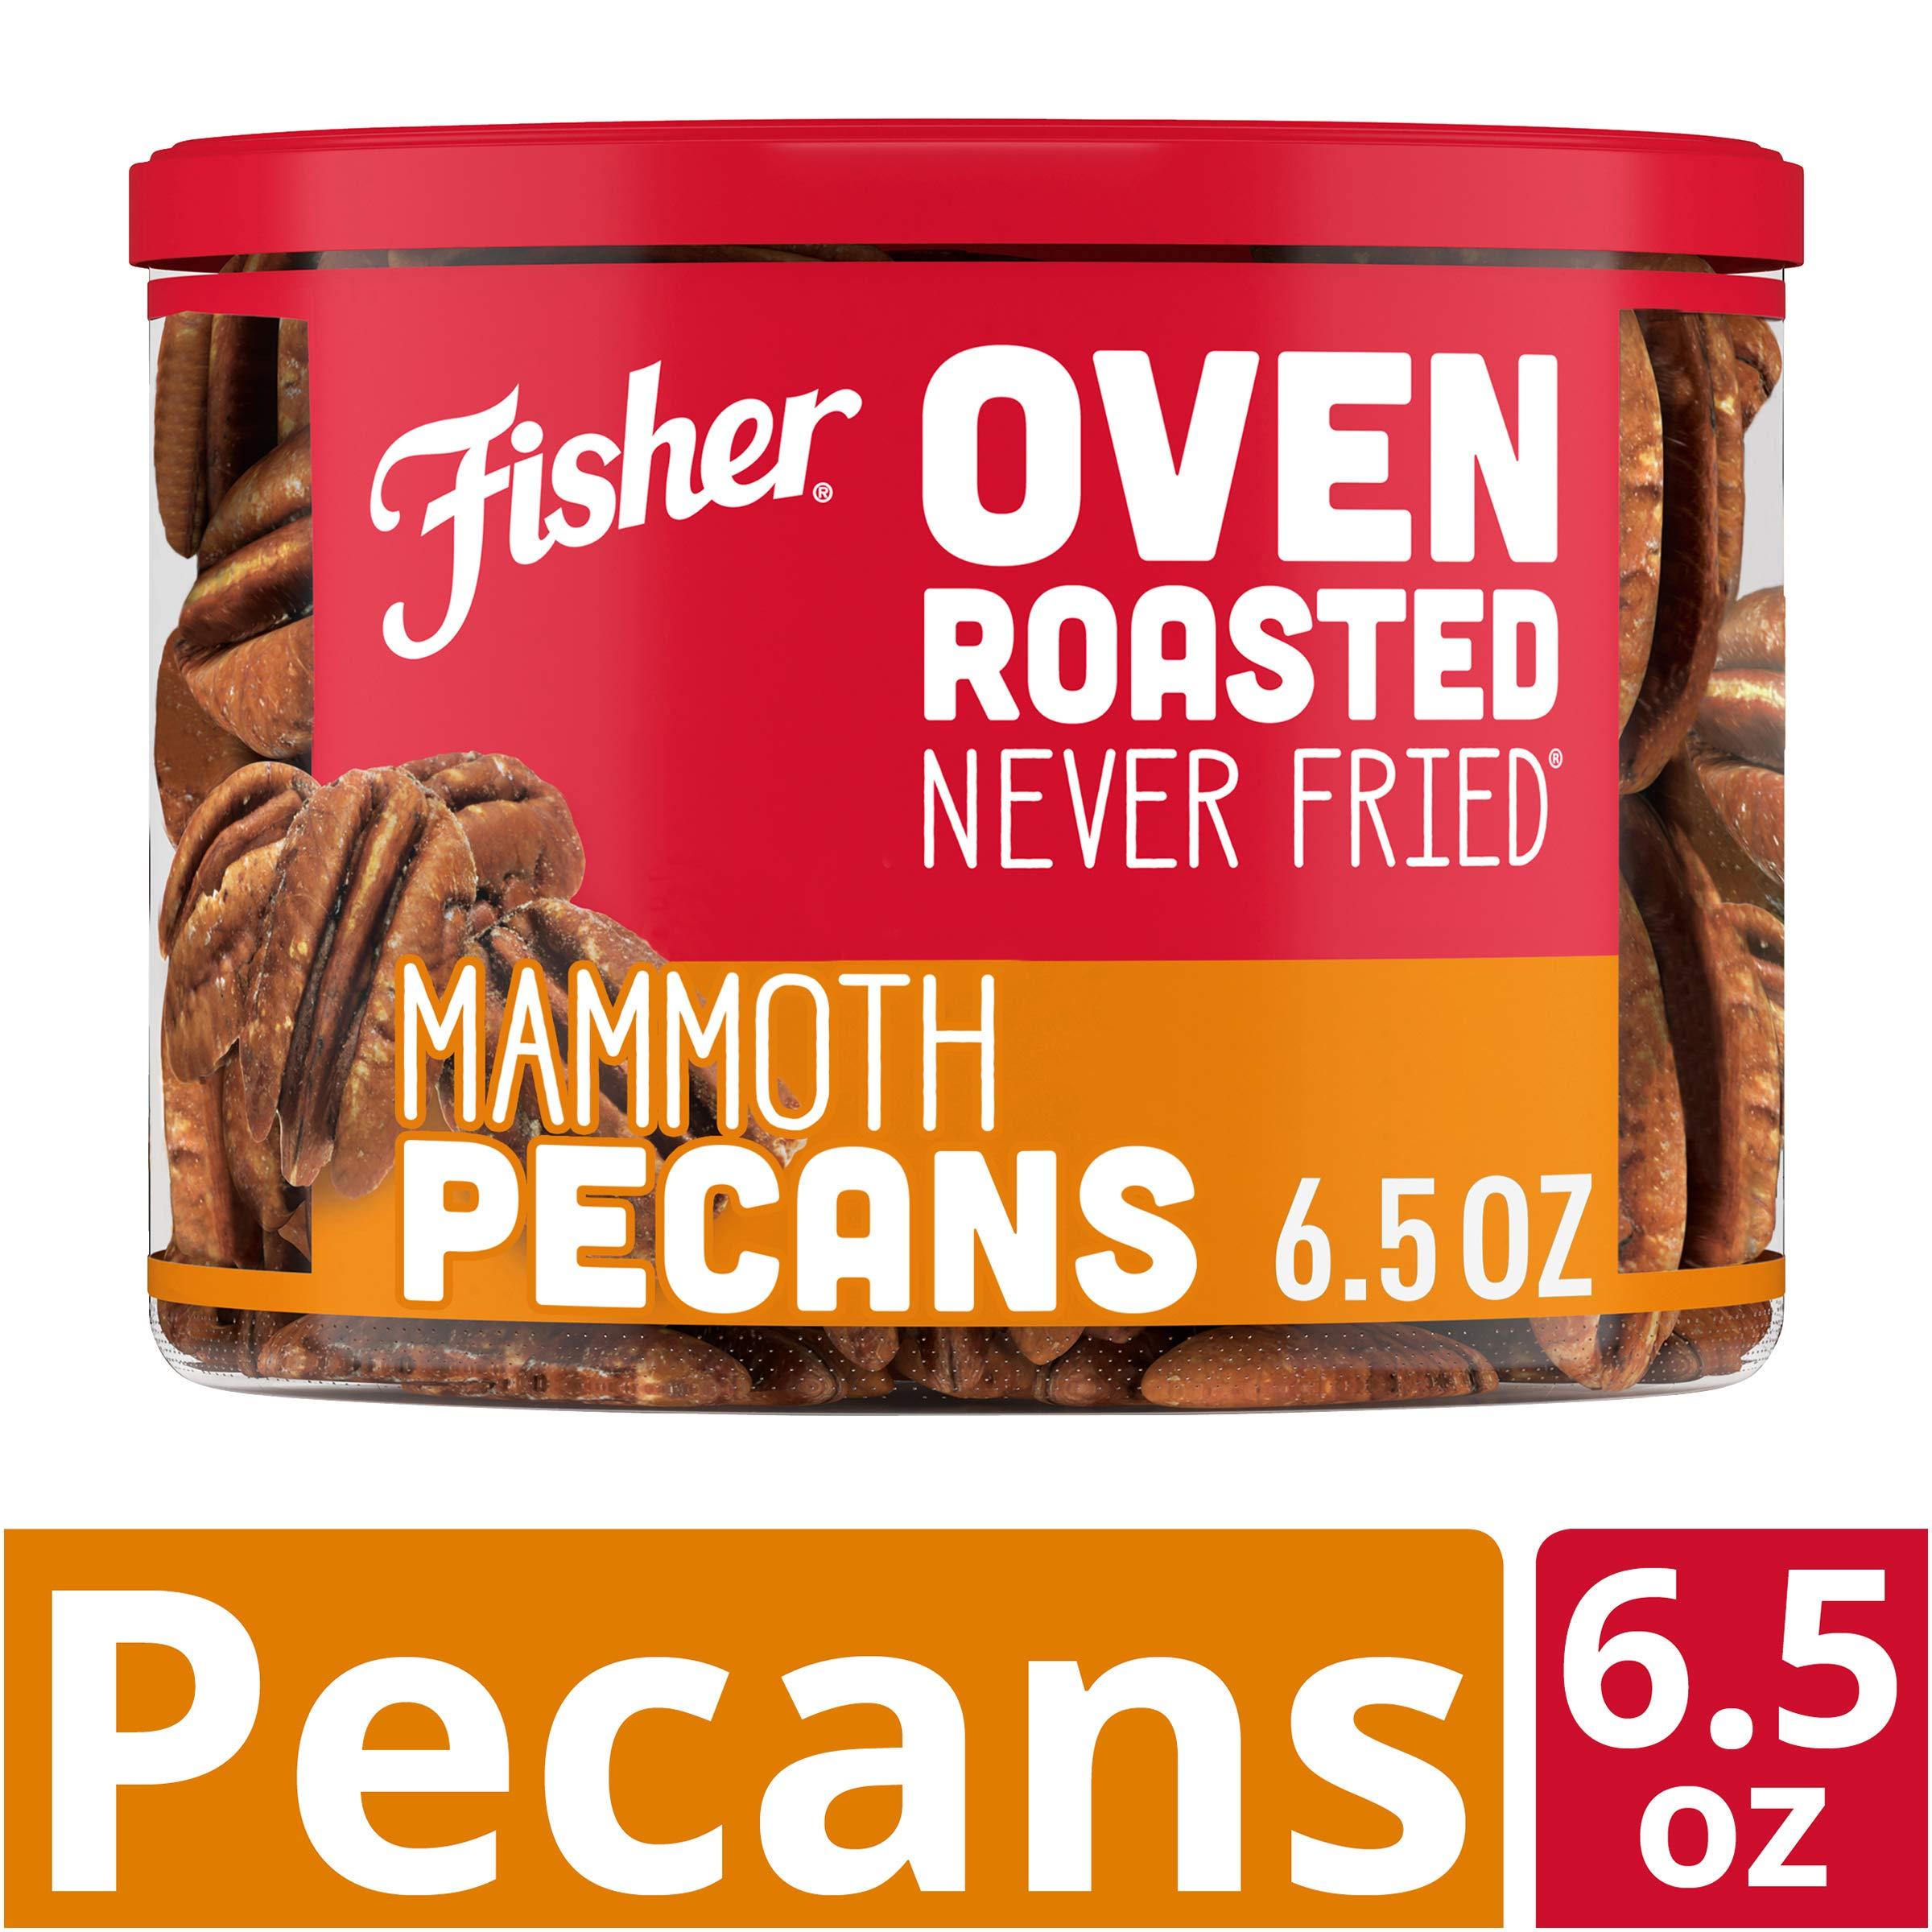 FISHER 零食,烤箱*会冰,Mammoth 山核桃,海盐制造,6.65 盎司